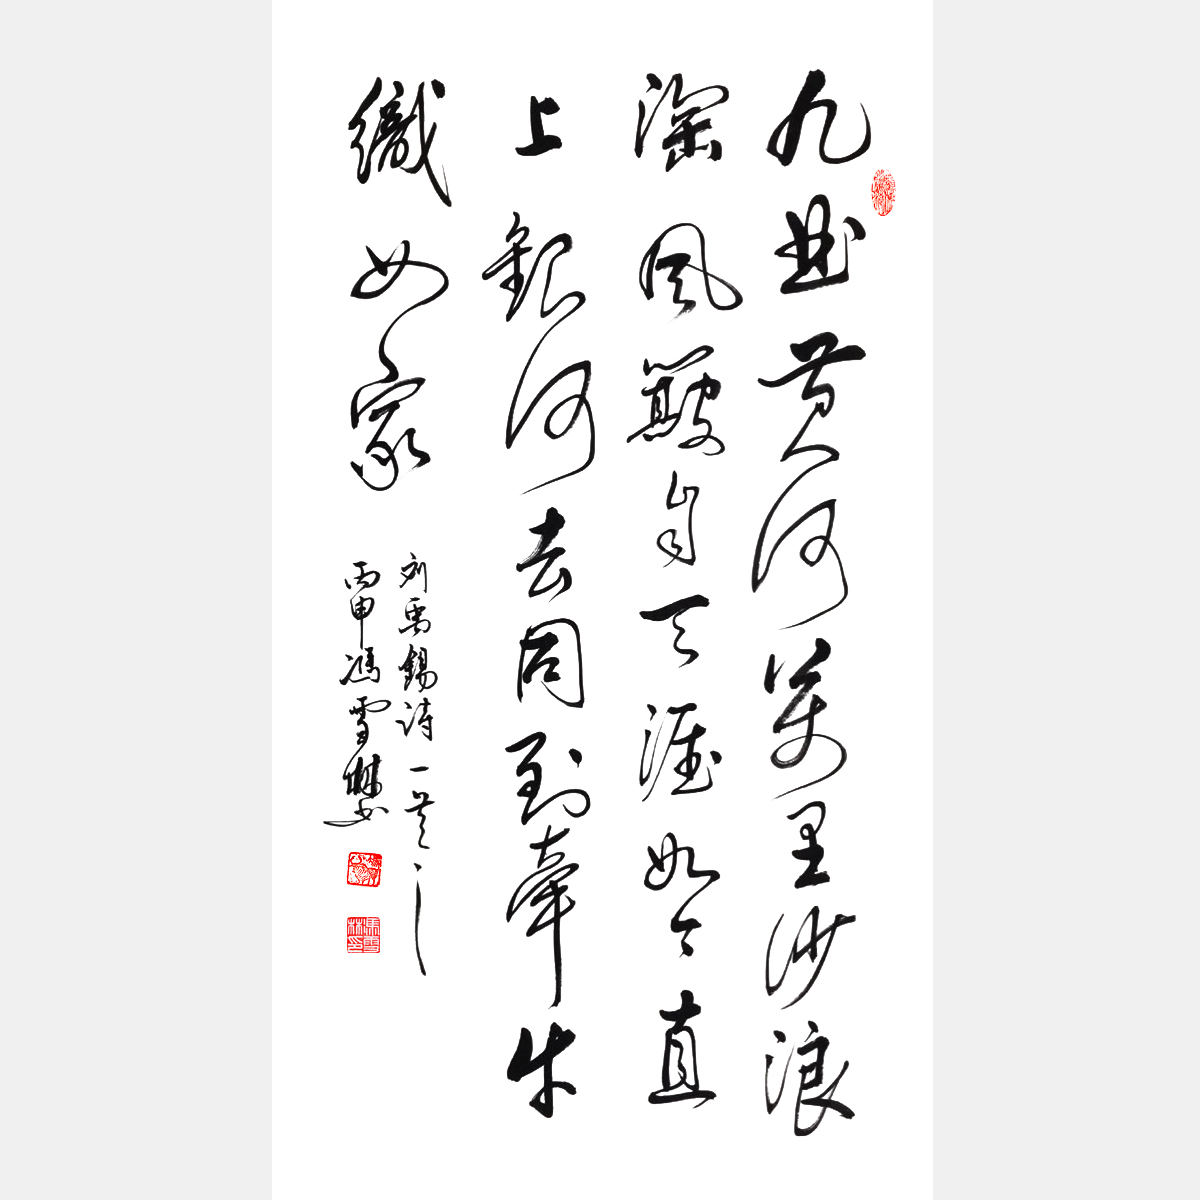 冯雪林书法作品 刘禹锡《浪淘沙九首・其一》九曲黄河万里沙